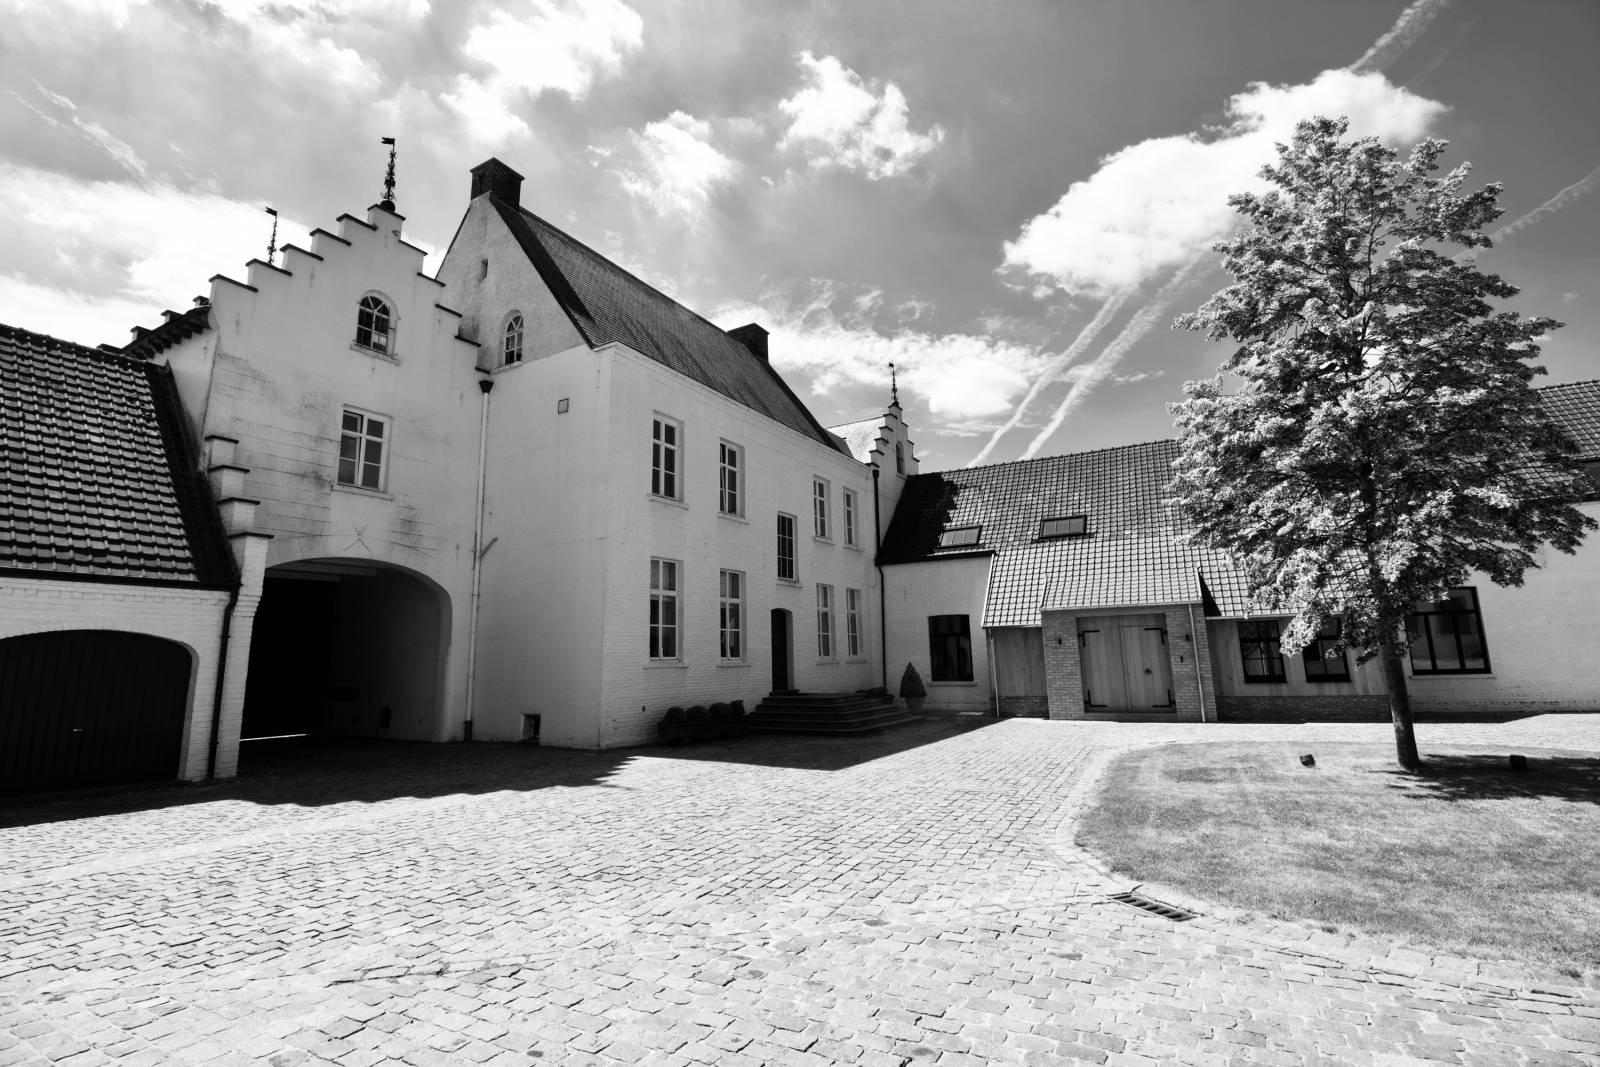 Hove Van Herpelgem - Feestzaal - Trouwzaal - House of Weddings - 4